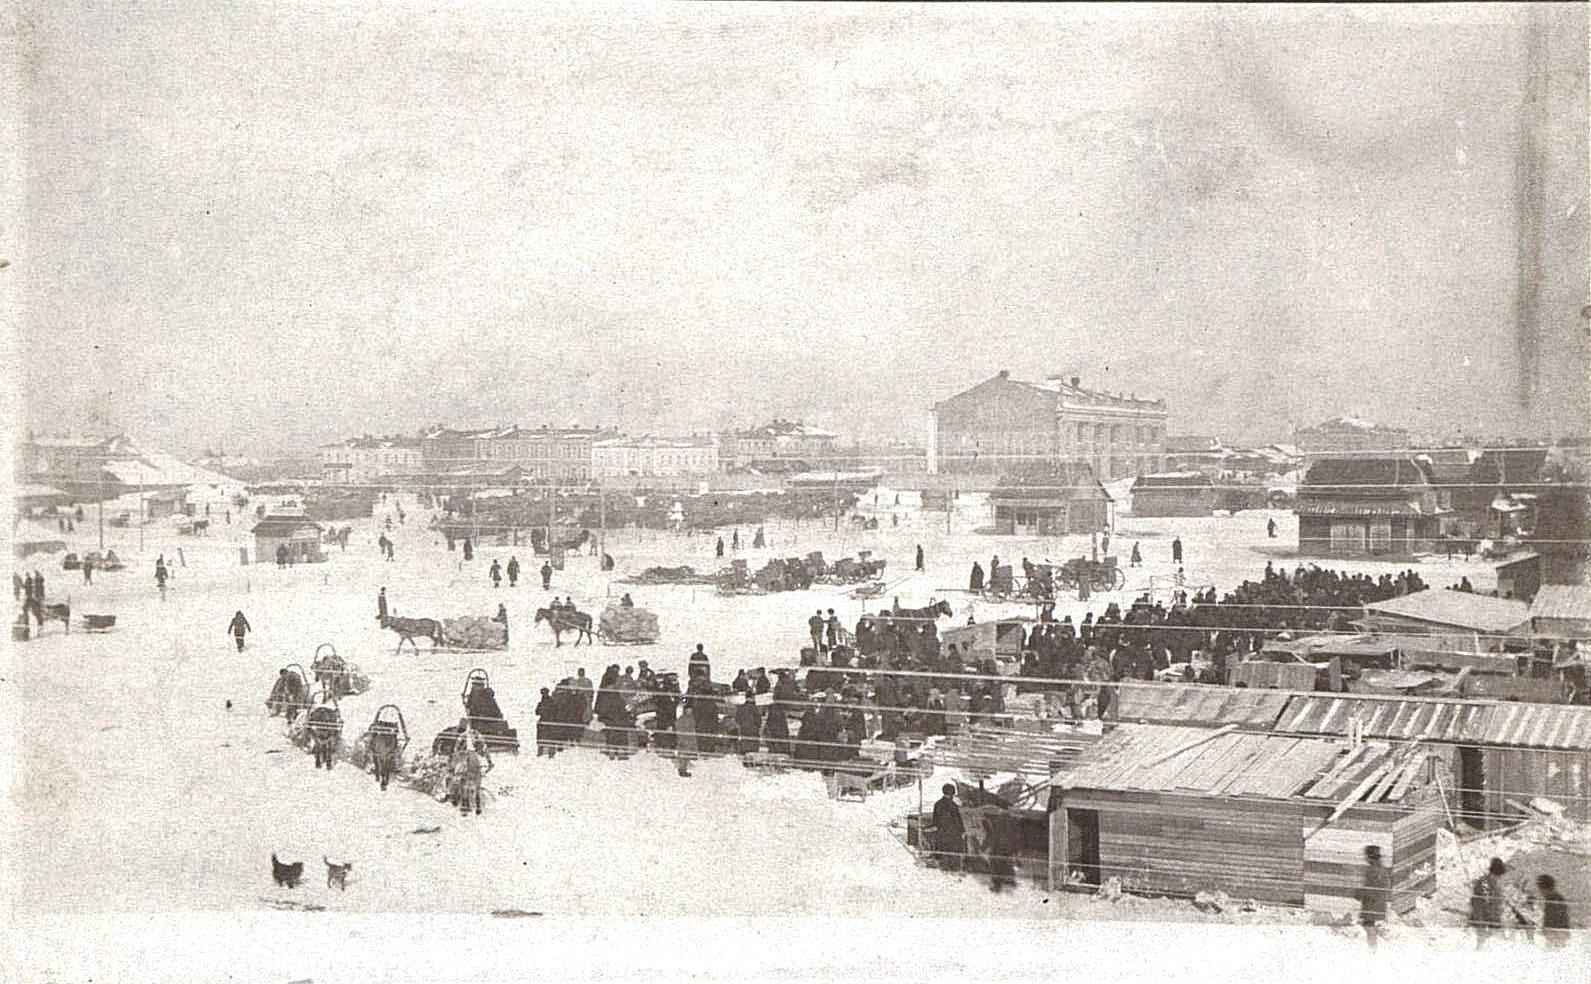 Базарная площадь. Ново-Николаевск. 1919